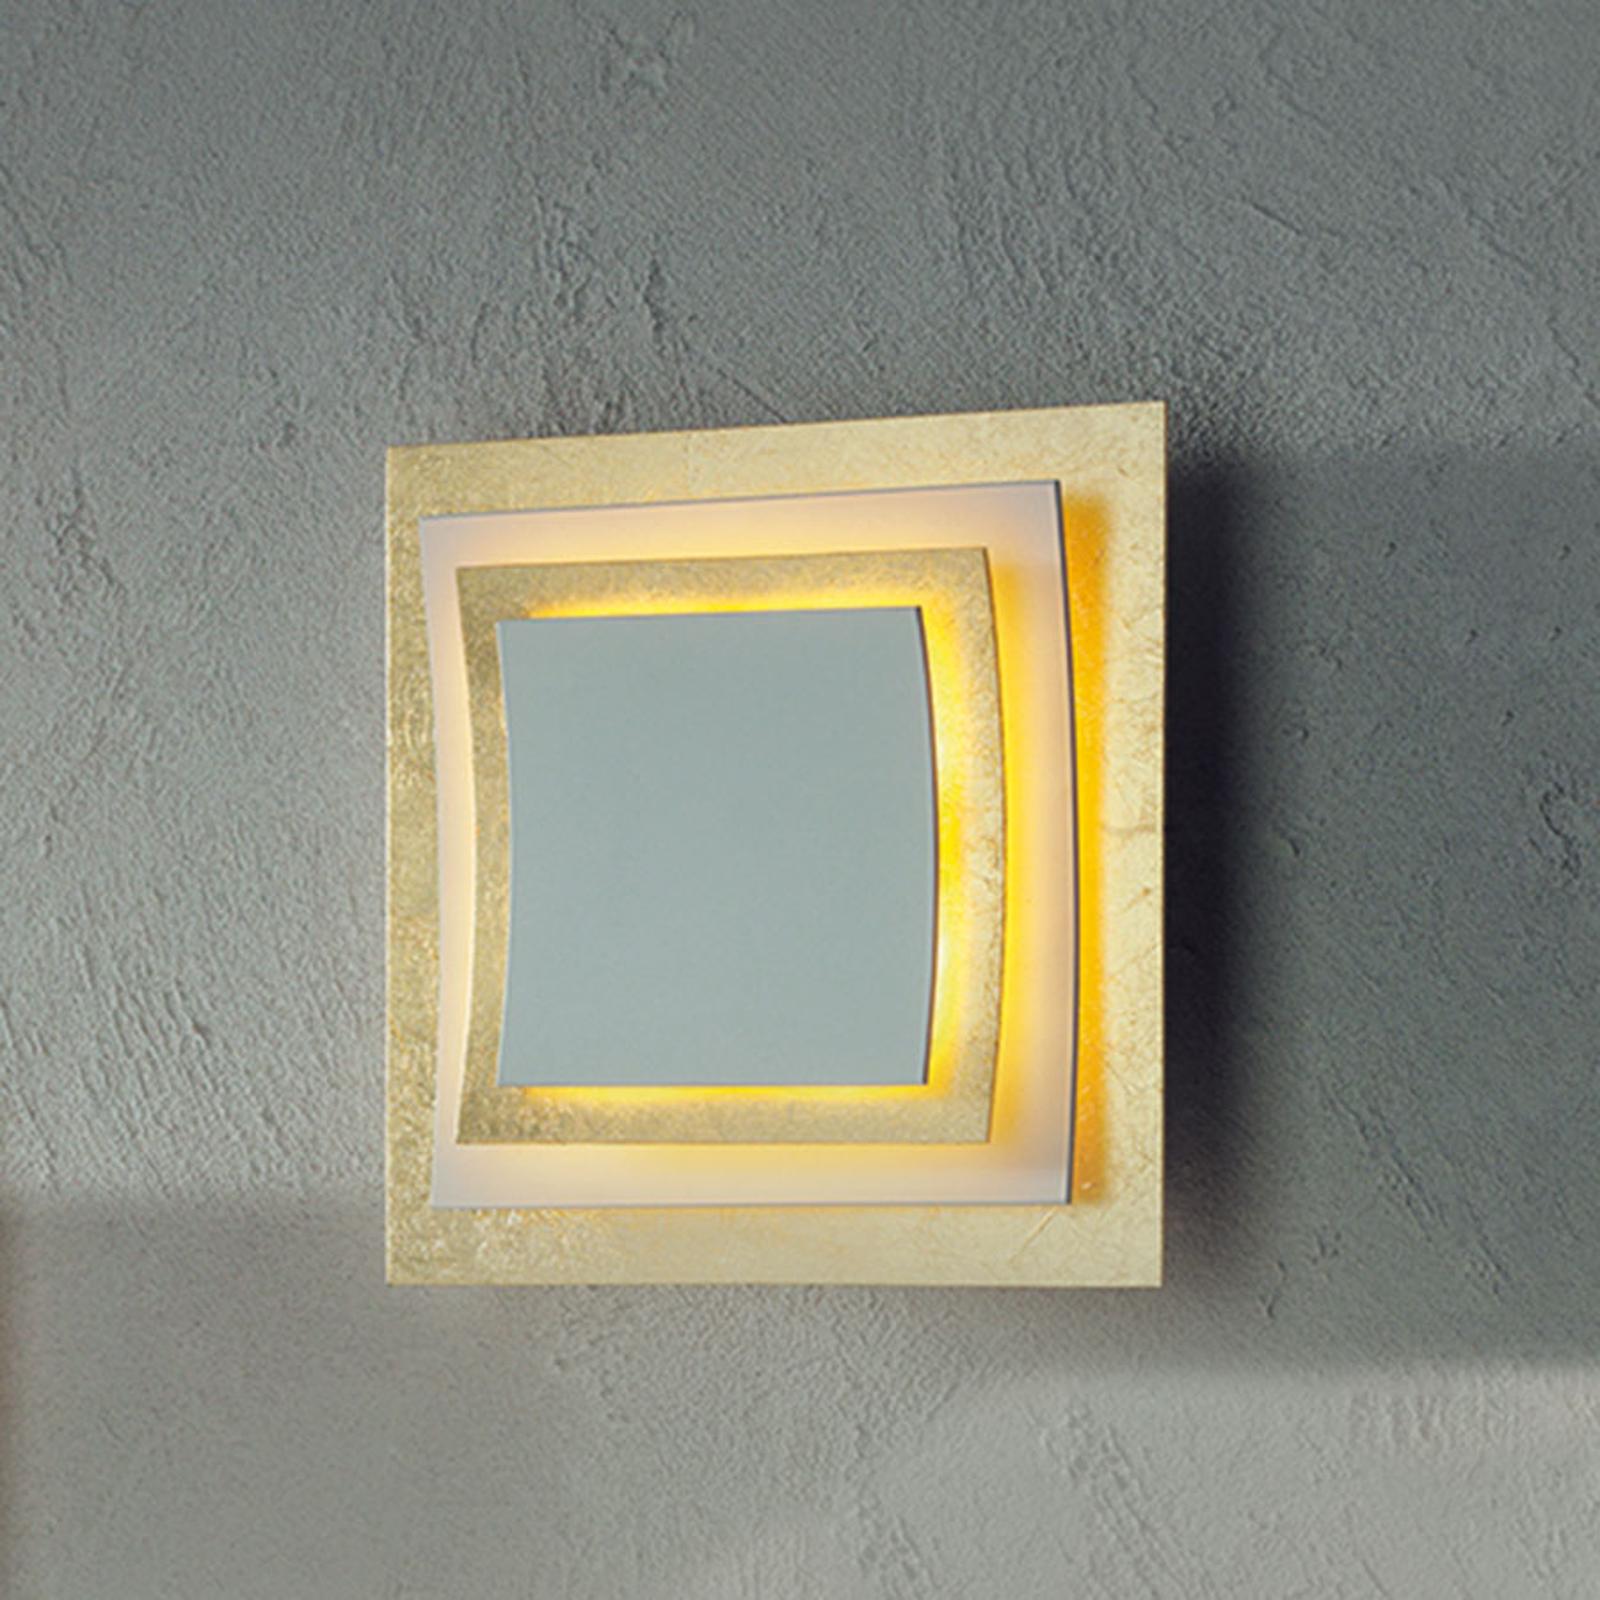 Escale Pages - Blattgold-LED-Wandleuchte 22 cm